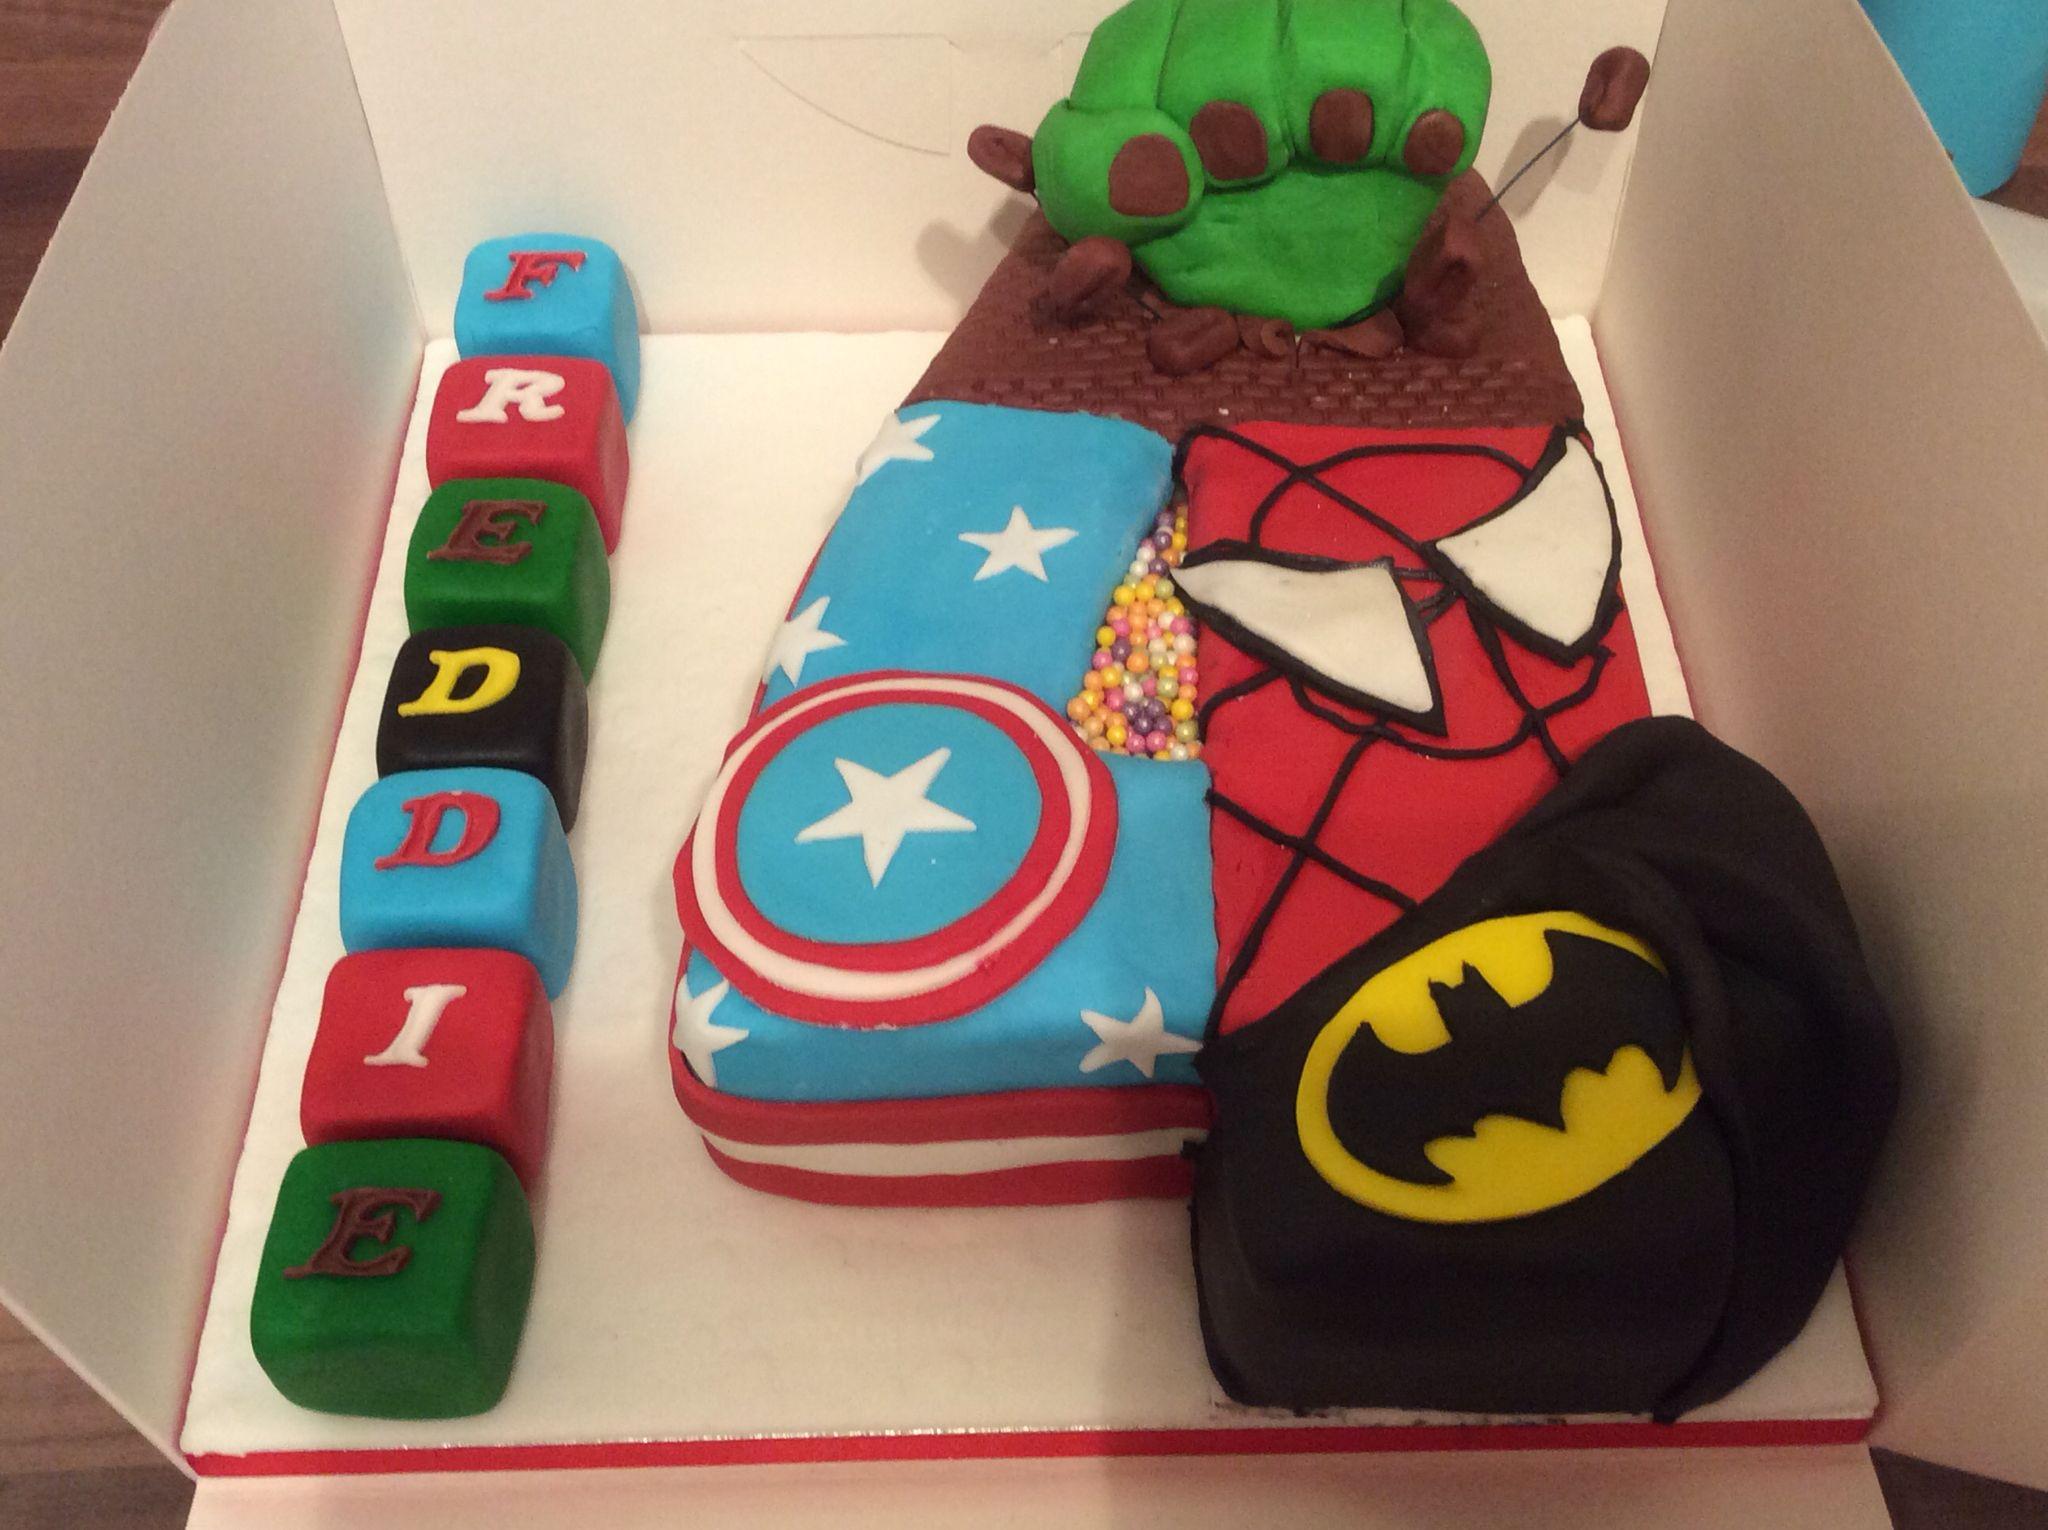 No 4 marvel birthday cake 4th birthday ideas Pinterest Marvel